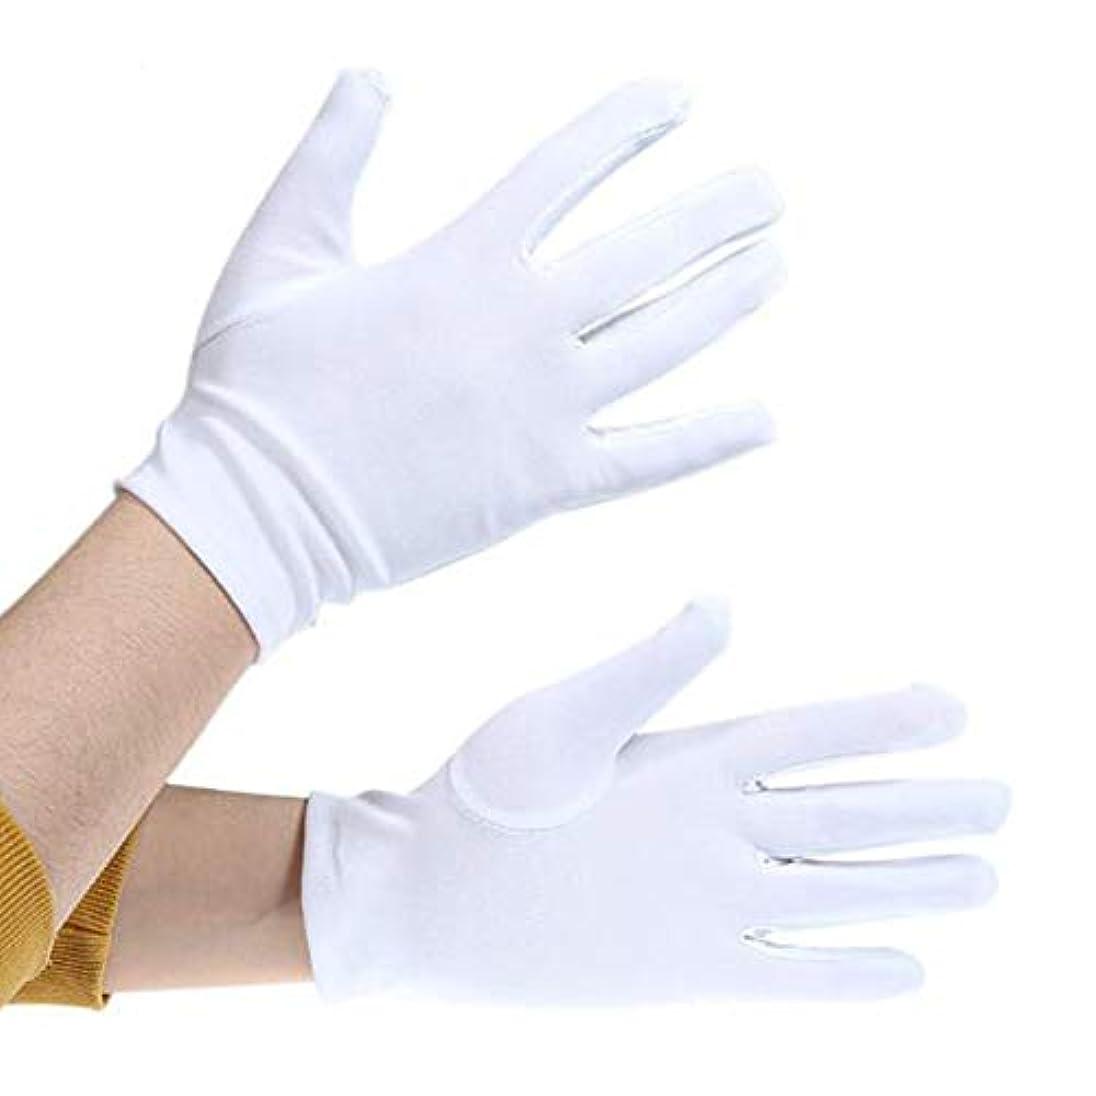 作ります装備する何でも白手袋薄 礼装用 ジュエリーグローブ時計 貴金属 宝石 接客用 品質管理用 作業用手ぶくろ,保護着用者